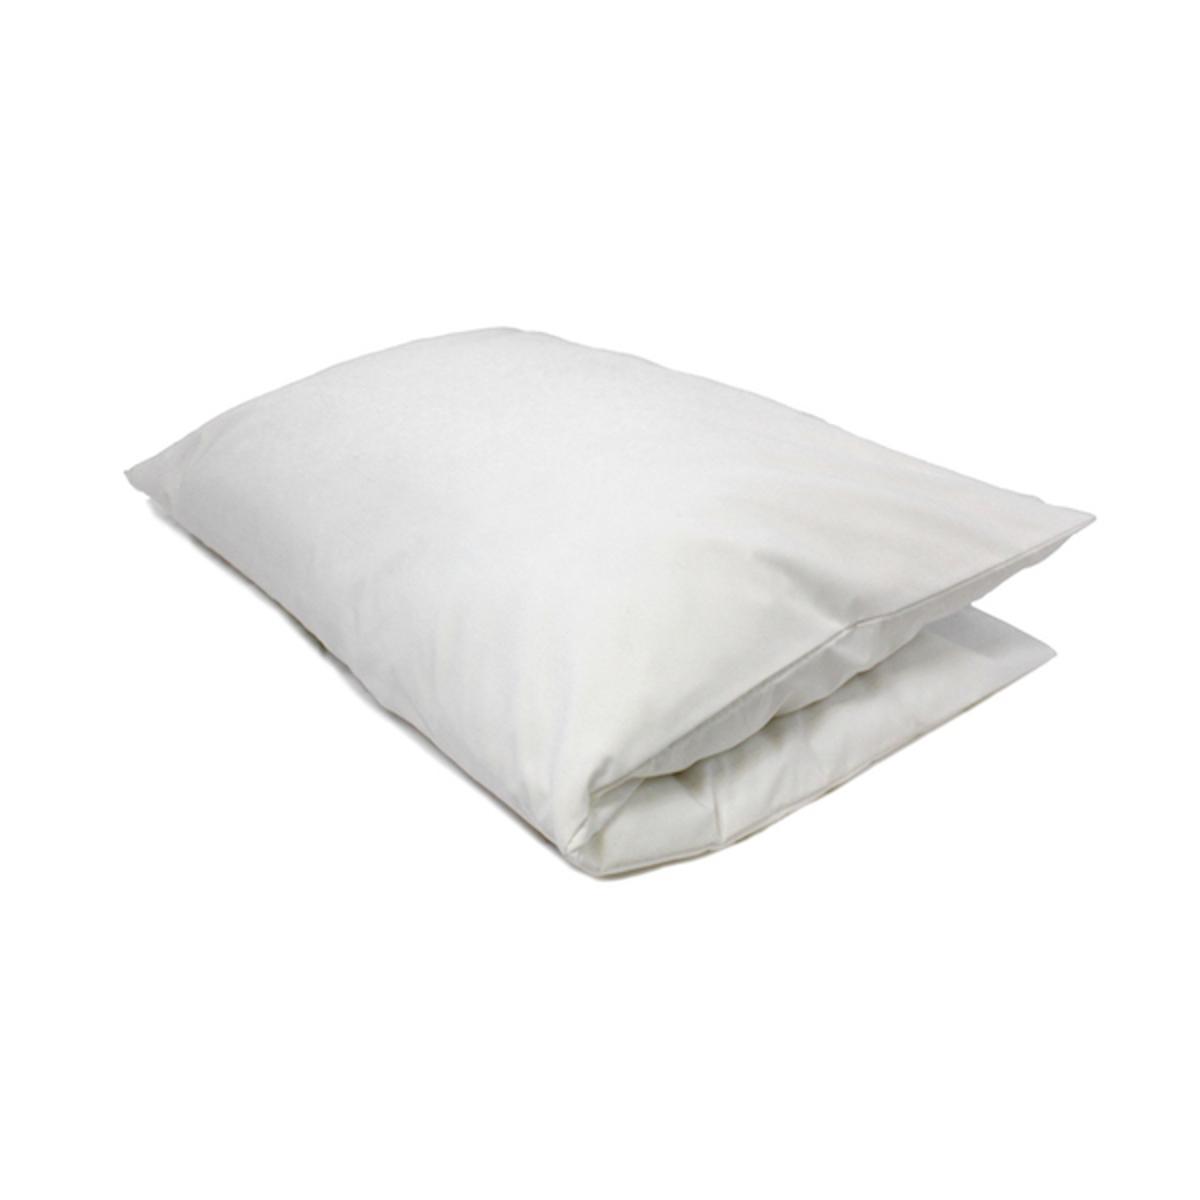 老舗医療寝具メーカーが開発する「まくら」|心地よい肌ざわり、PILLOW ME 専用まくらカバー